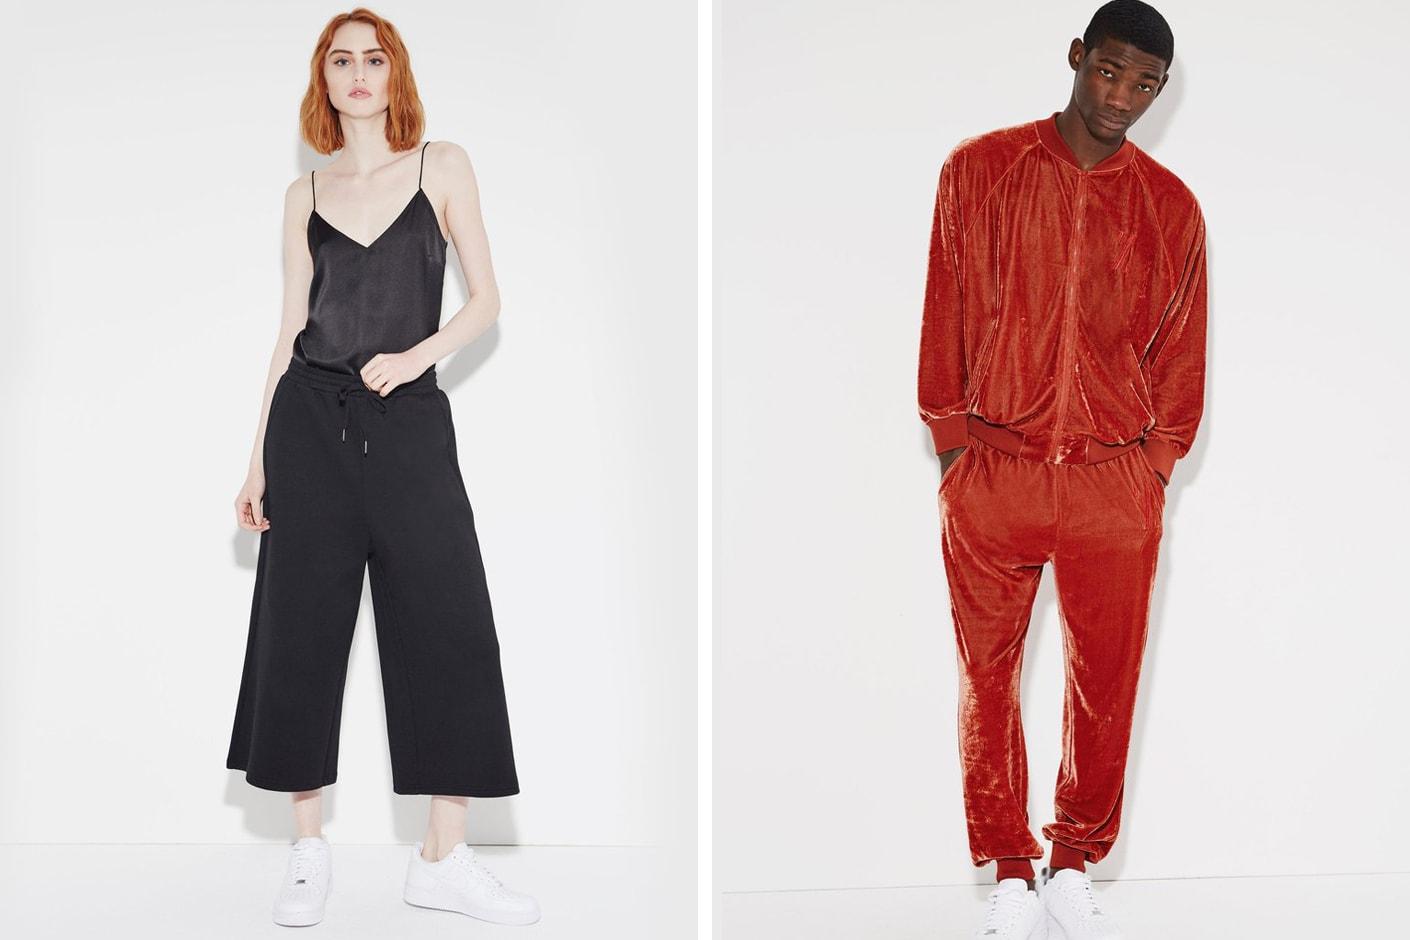 Zendaya Daya by Zendaya Clothing Line